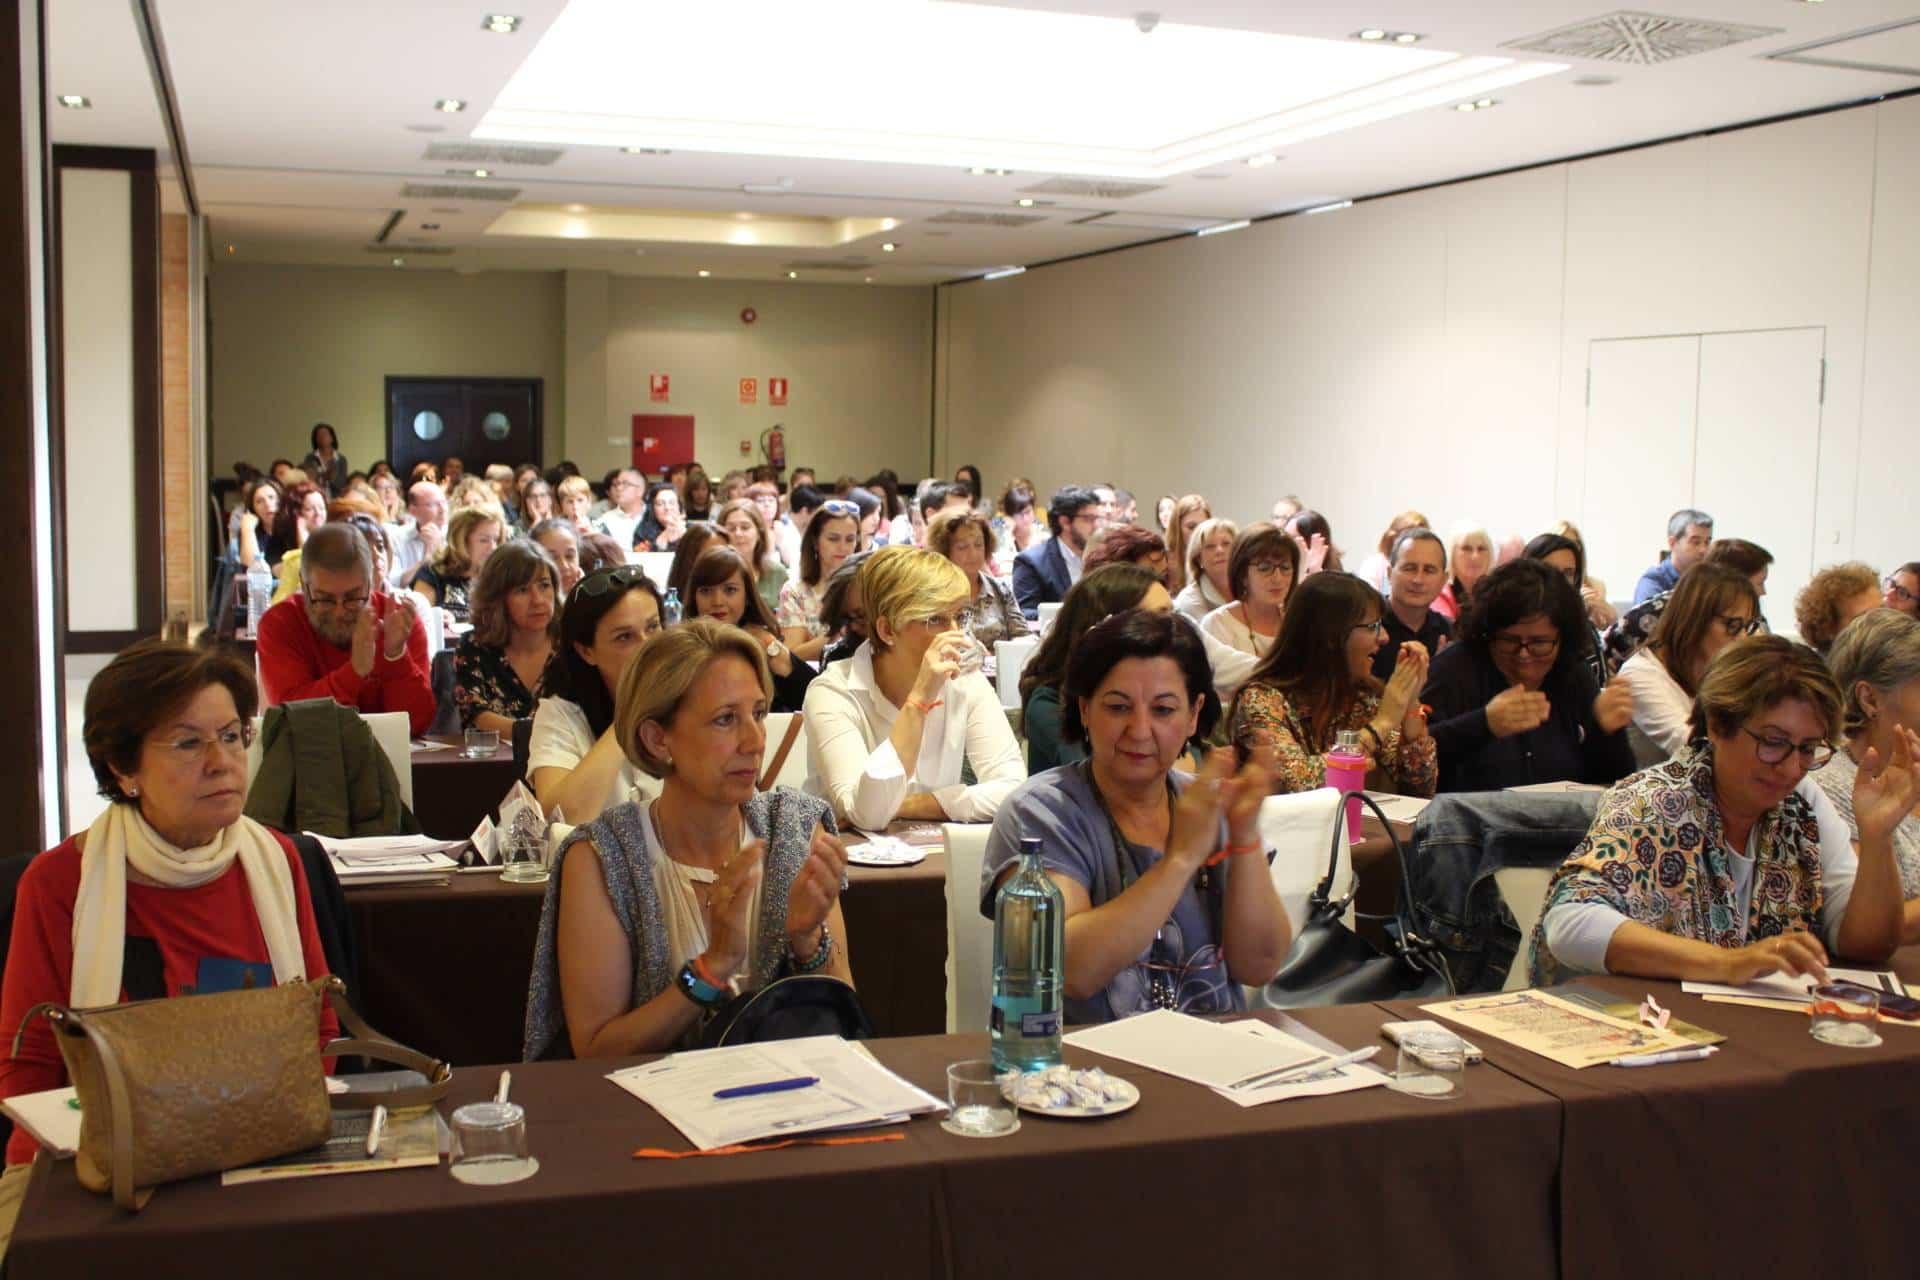 seminario tecnico Plan Concertado de Servicios Sociales alcazar 2 - Herencia estuvo presente en la evaluación del Plan Concertado de Servicios Sociales